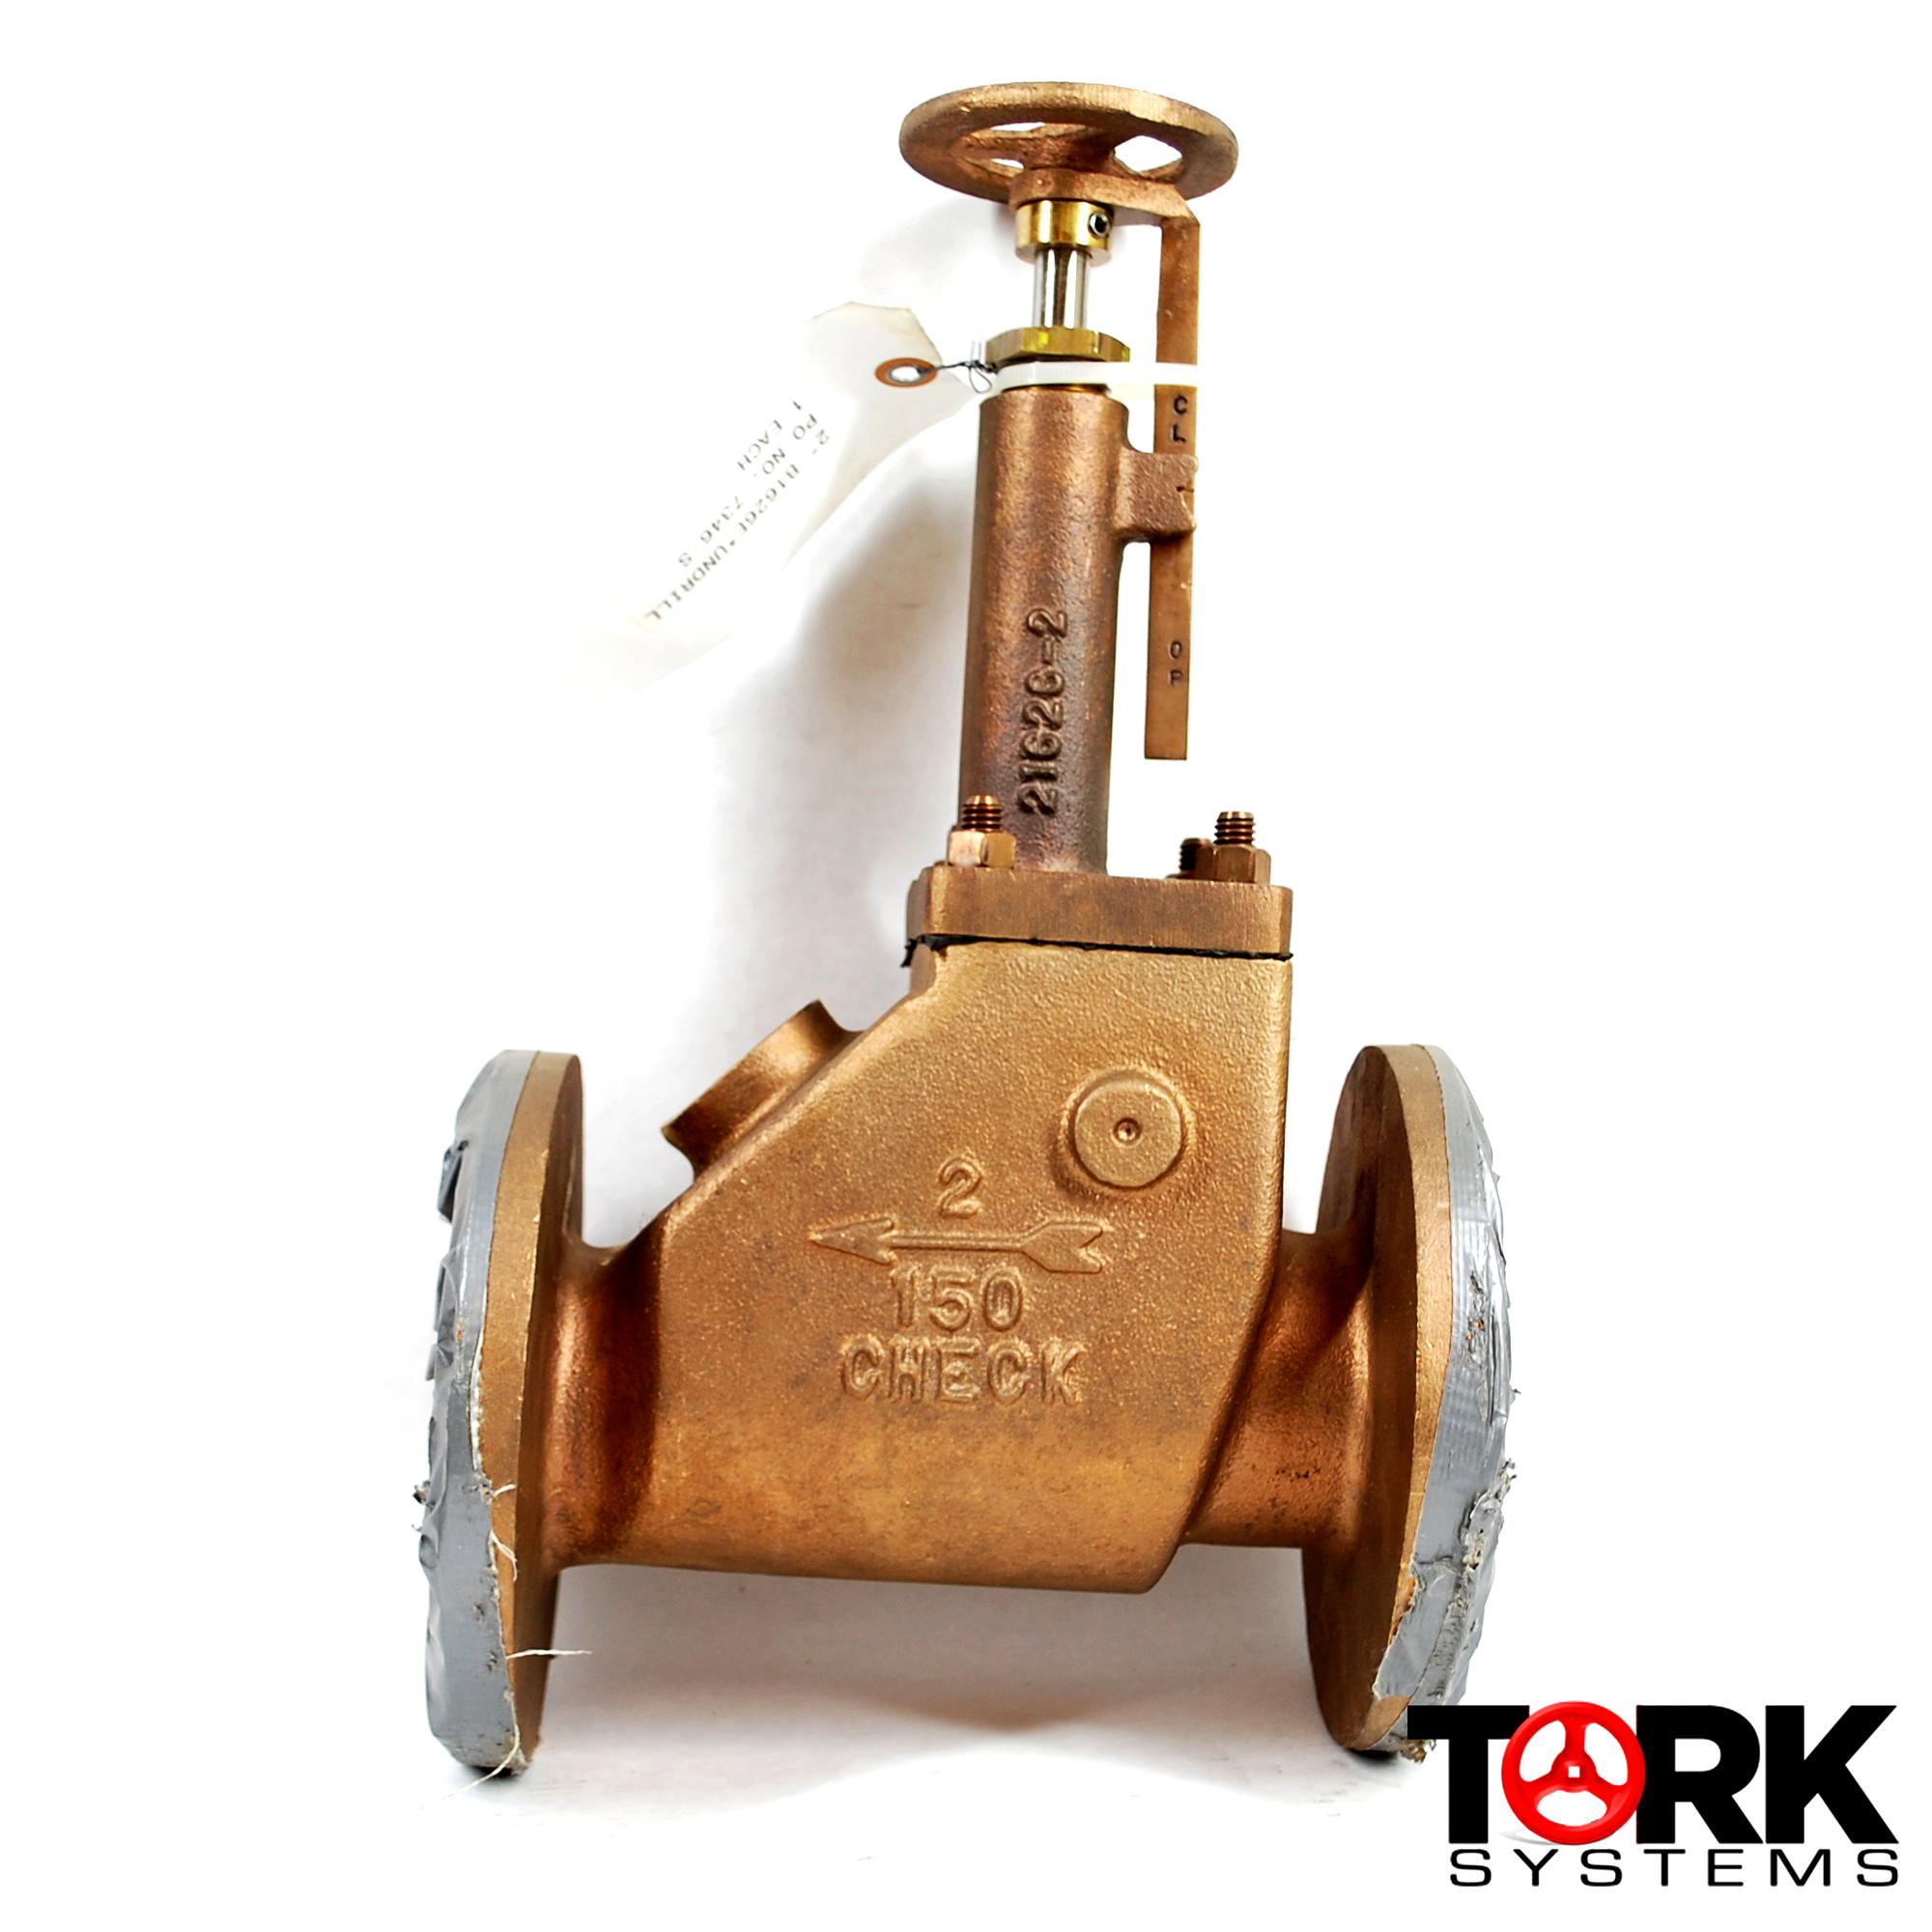 Pima Valve Bronze flanged scupper valve gag control B1621E